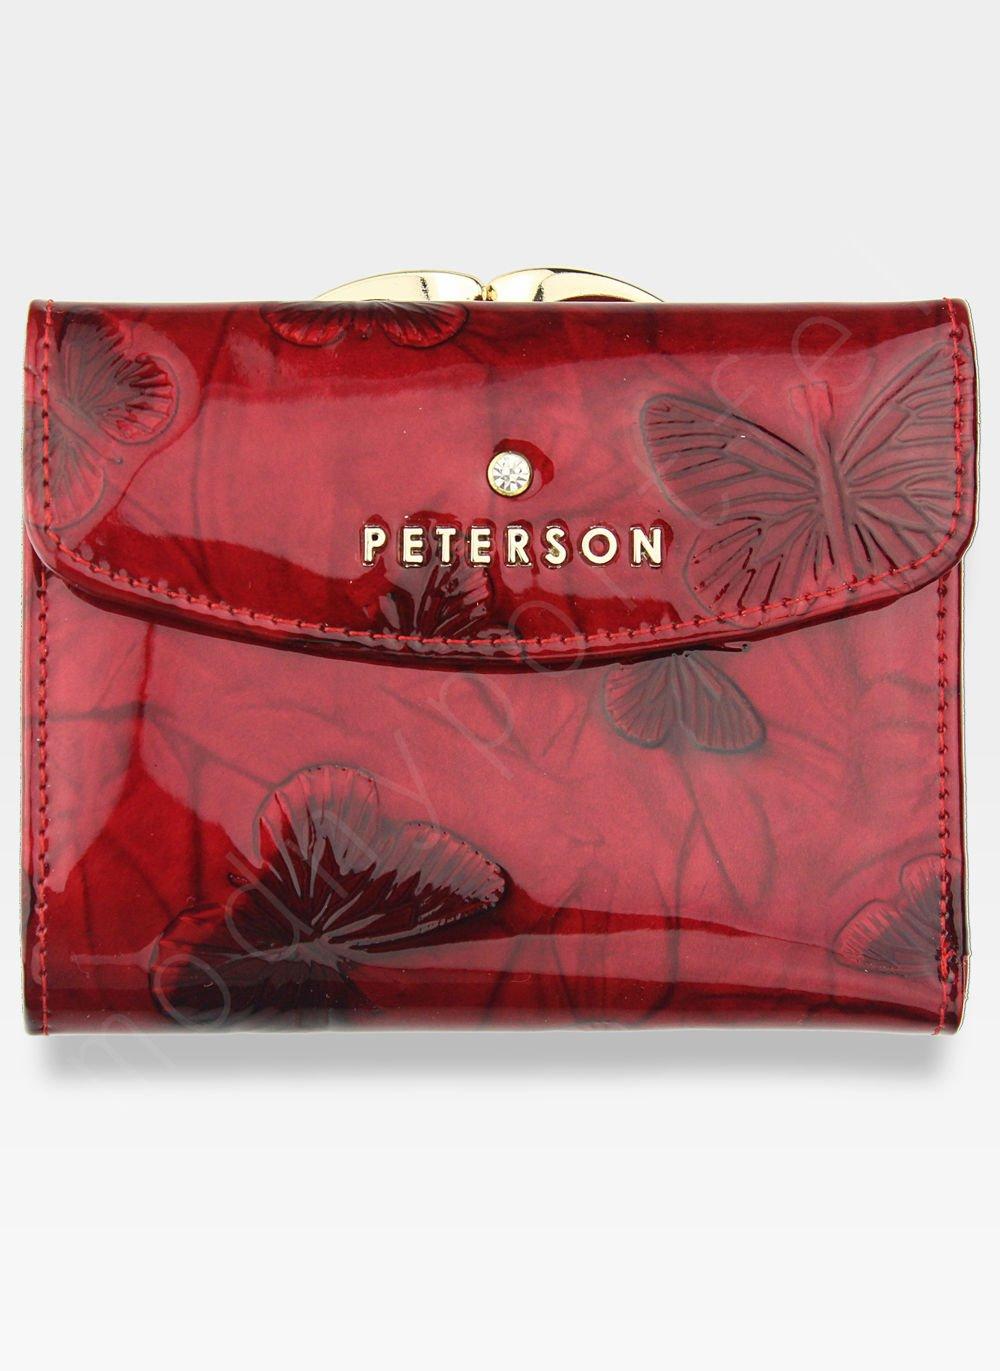 b4f4e33960320 Portfel Damski Skórzany Bigiel PETERSON Czerwone Motyle Lakierowane ...